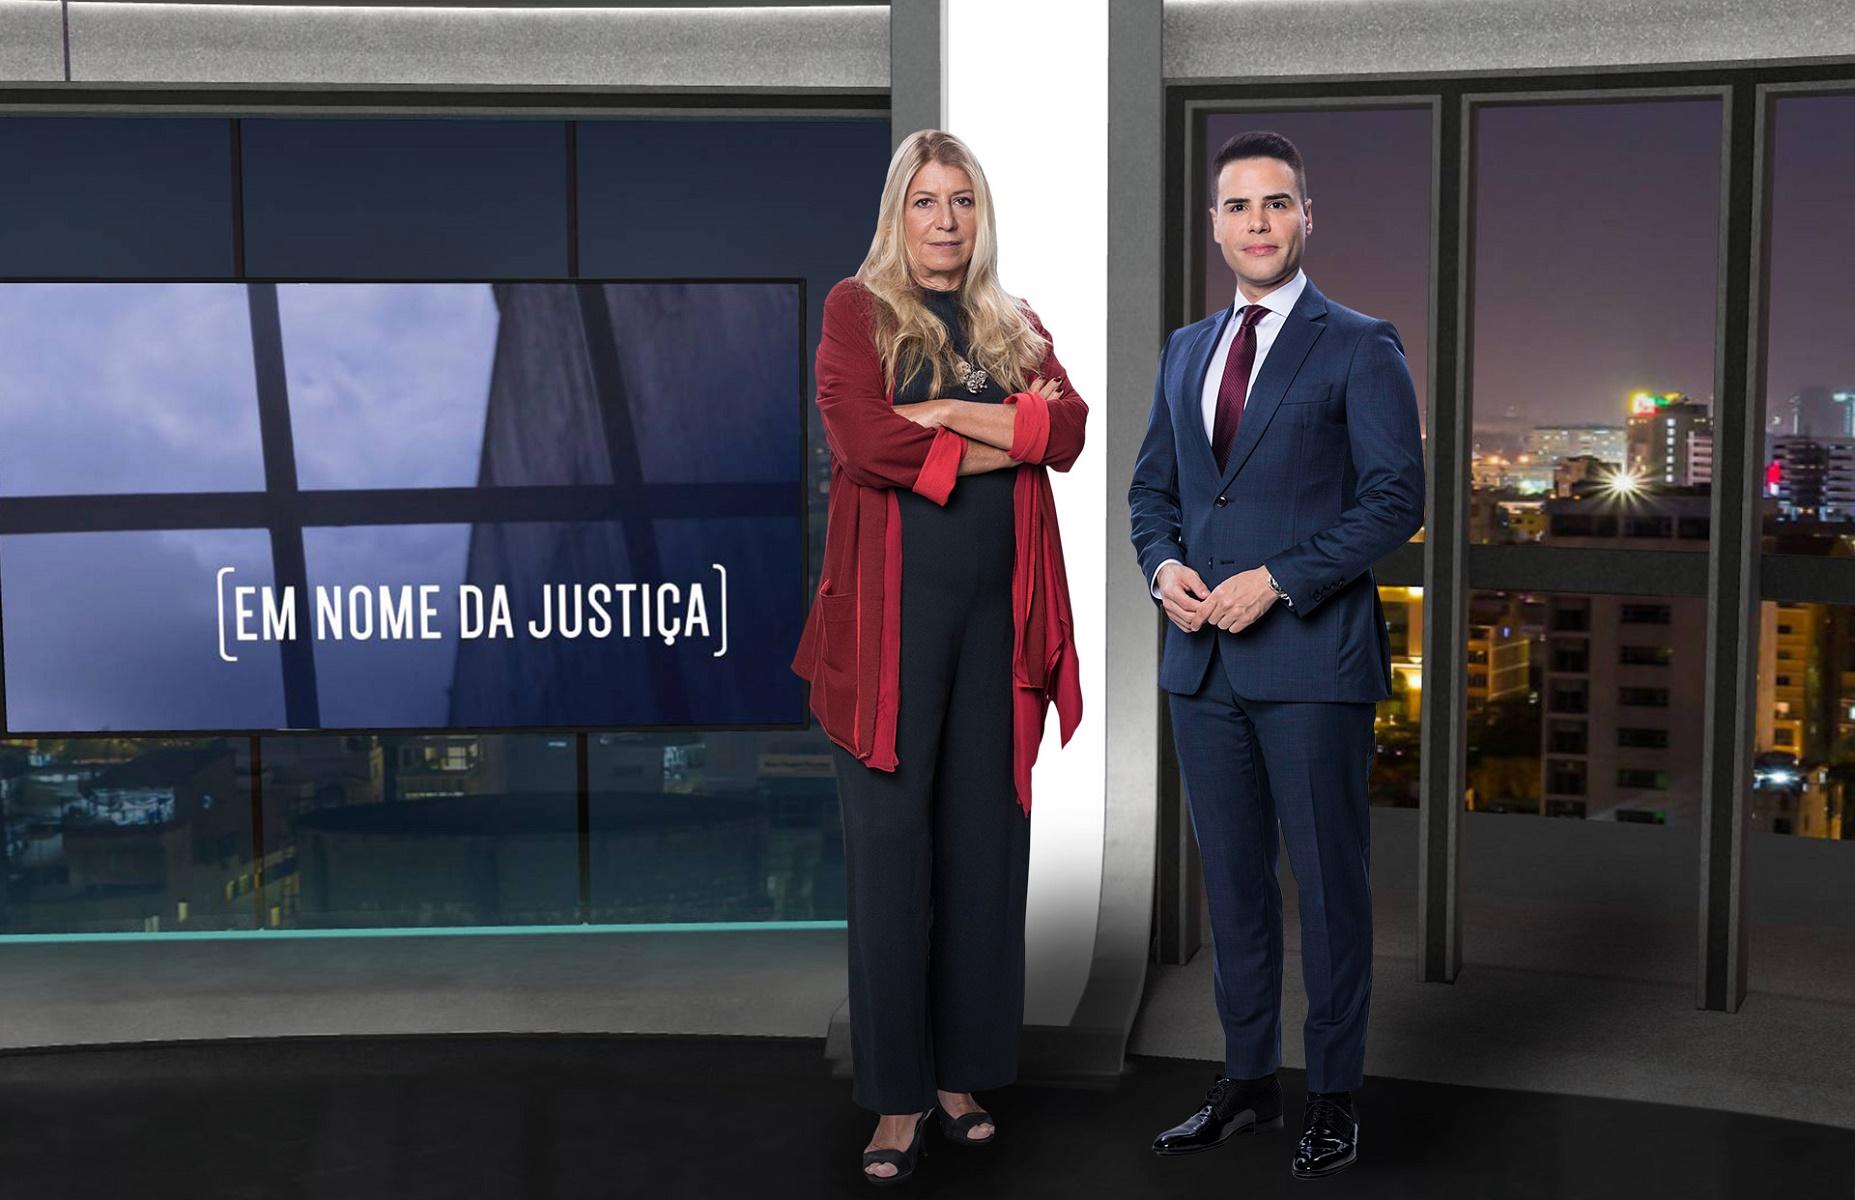 Luiz Bacci e Ilana Casoy posam no cenário de Em Nome da Justiça (foto: divulgação/RecordTV)